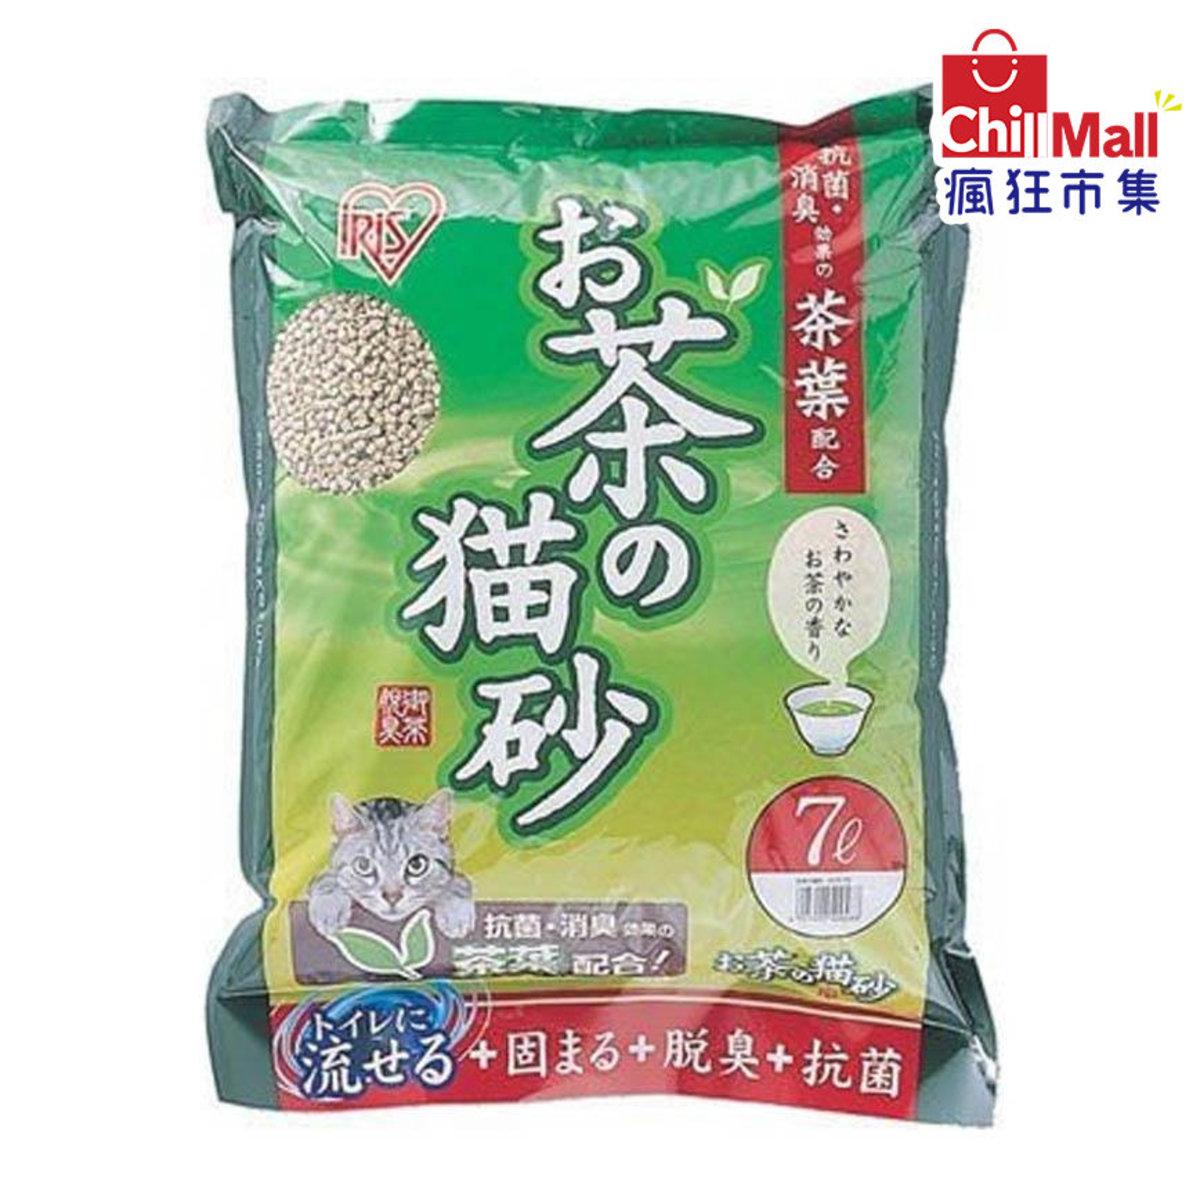 【豆腐貓砂】日本IRIS 清香綠茶豆腐貓砂 7L 9409488